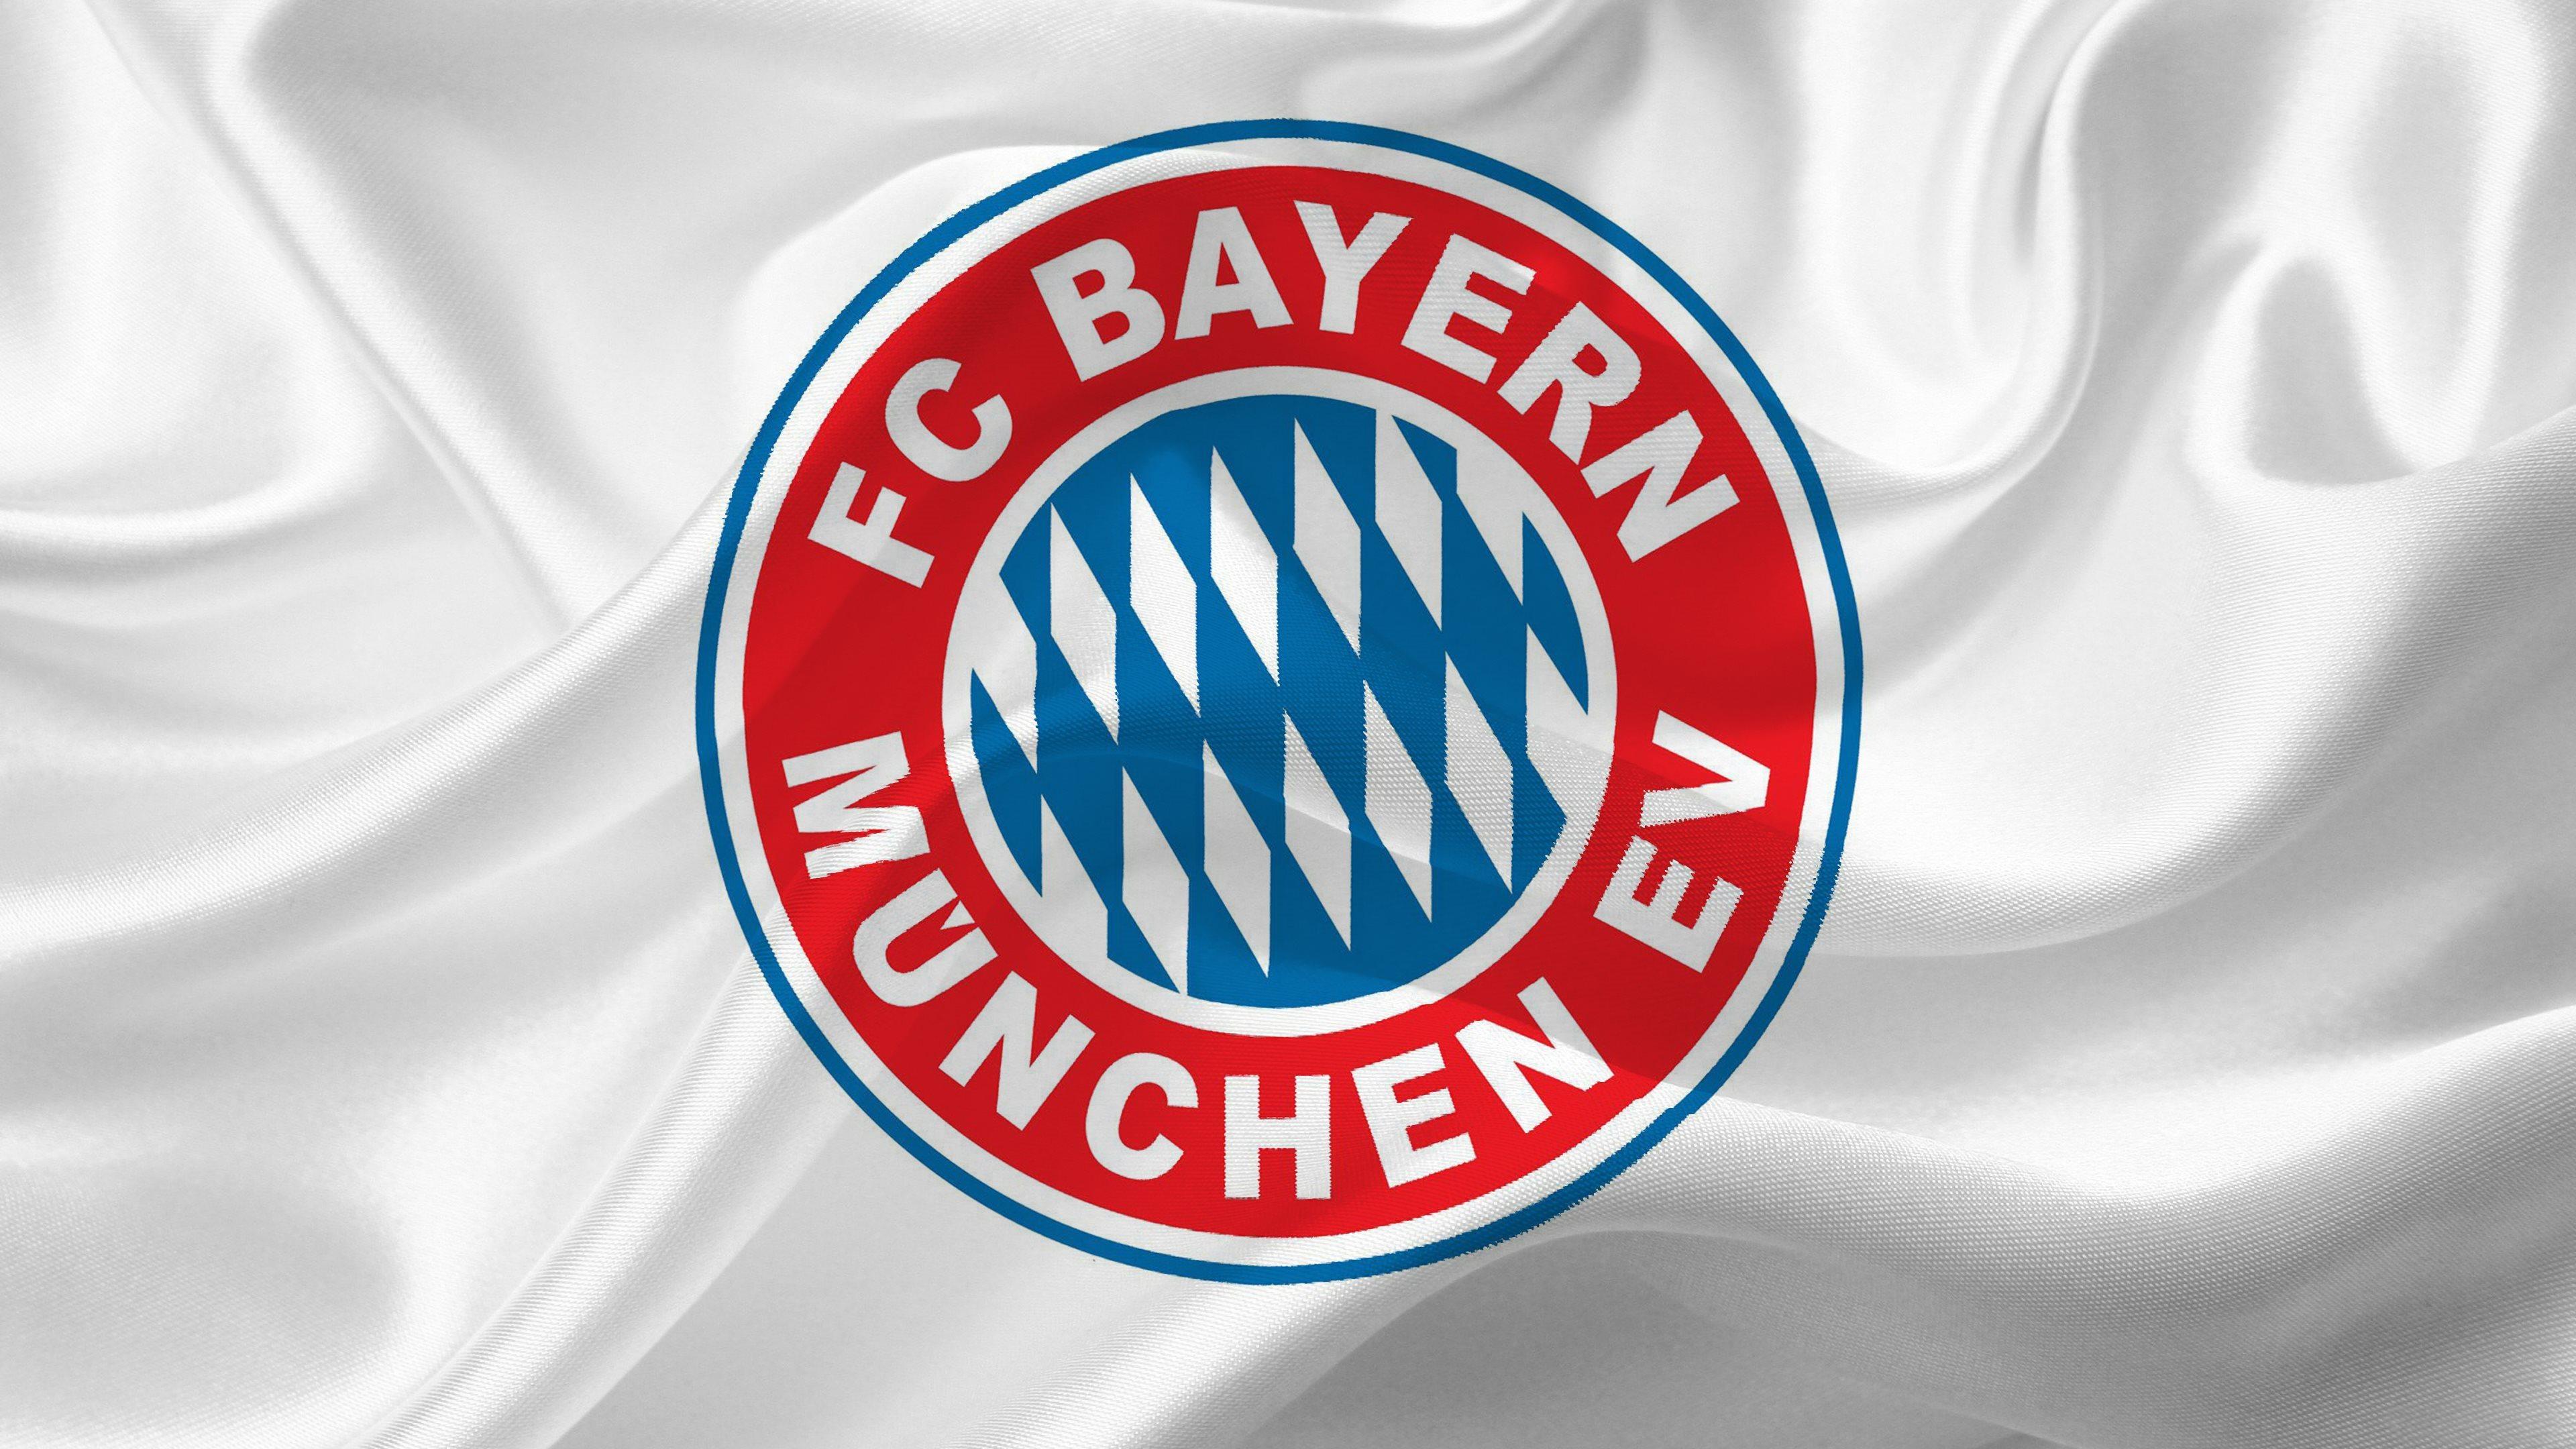 Fc Bayern Munchen Wallpaper 4k - Hd Football